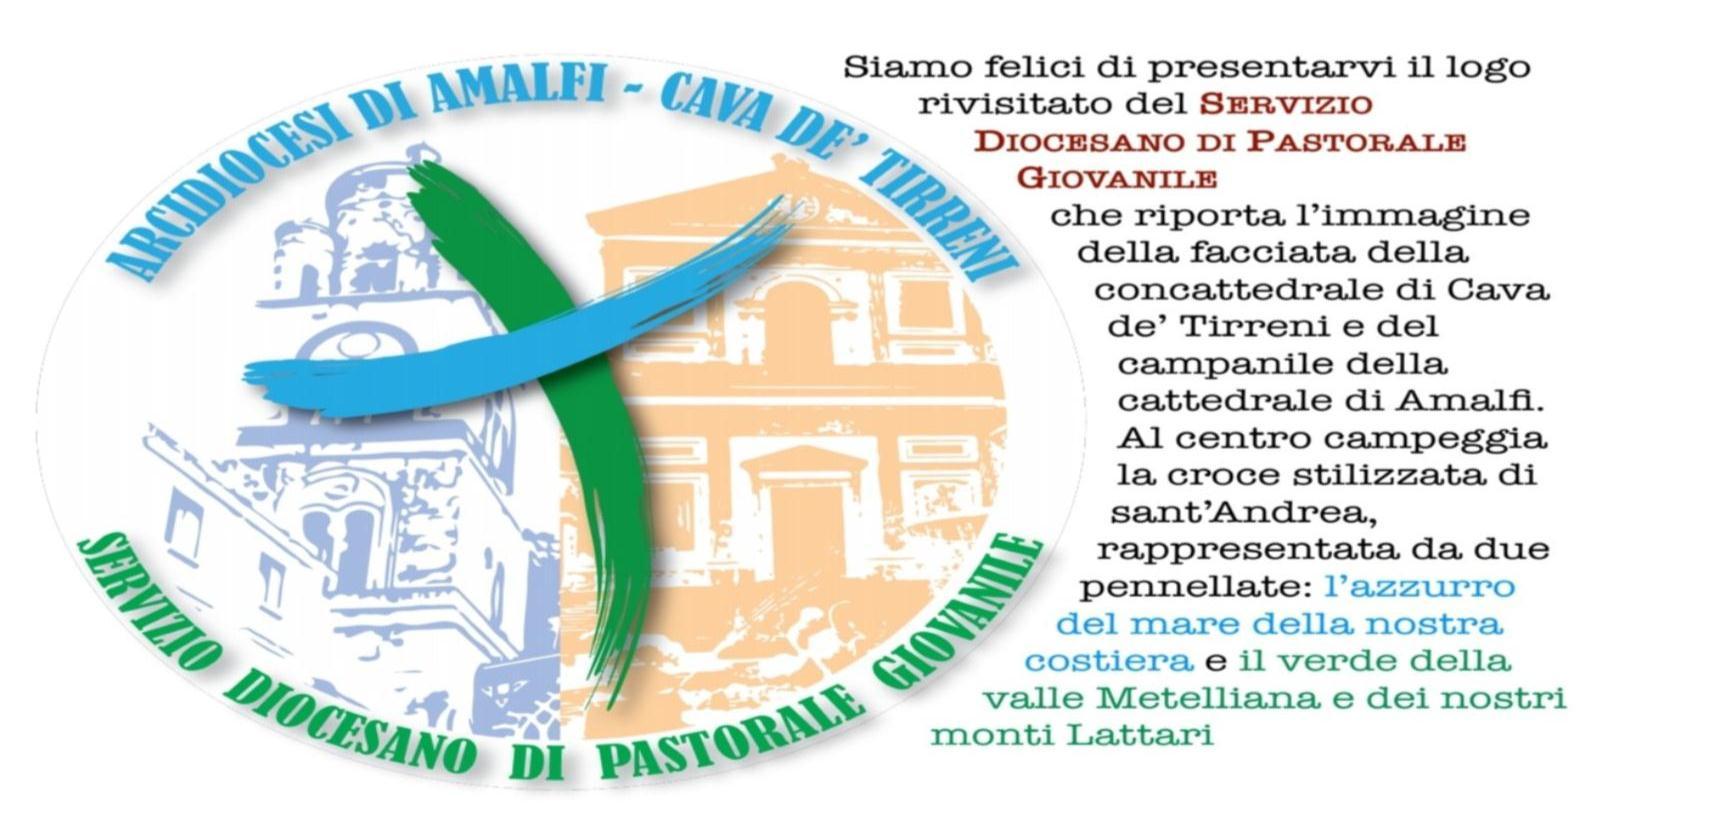 Nuovo logo della Pastorale Giovanile Amalfi – Cava